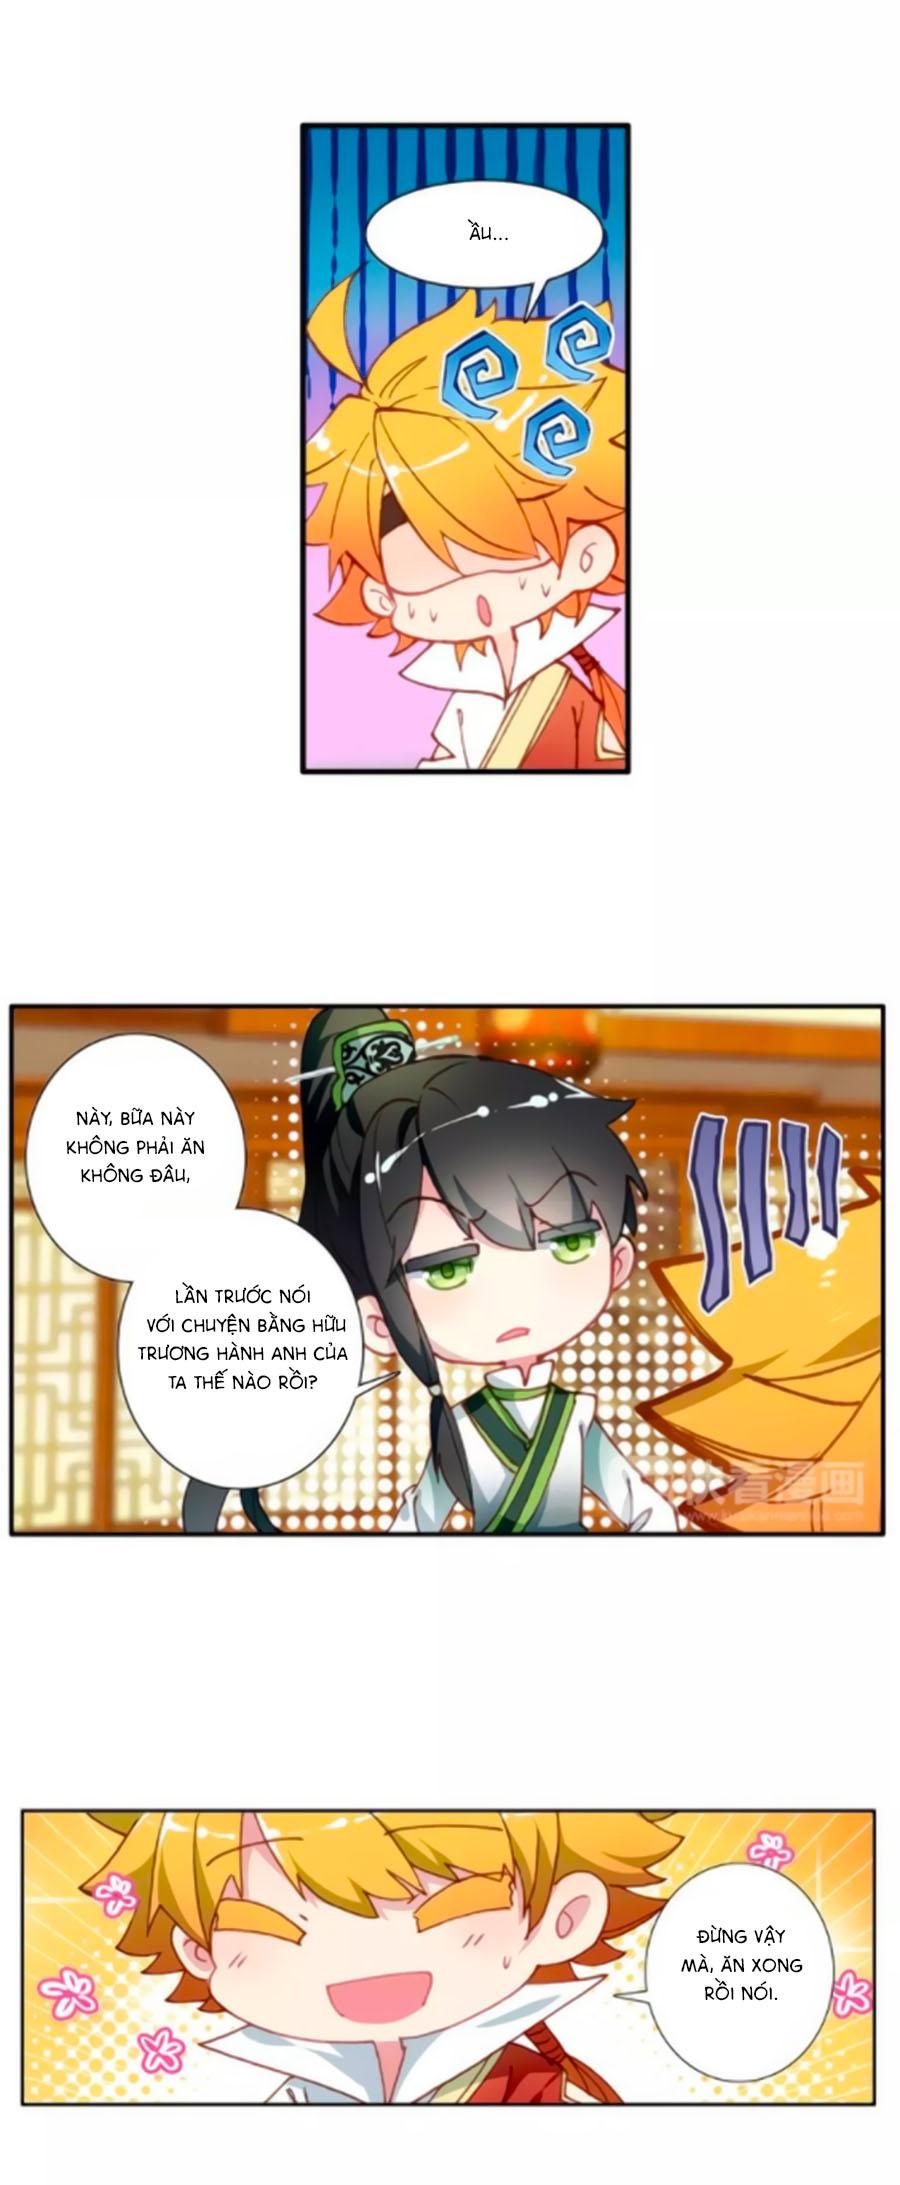 Trâm Trung Lục trang 4